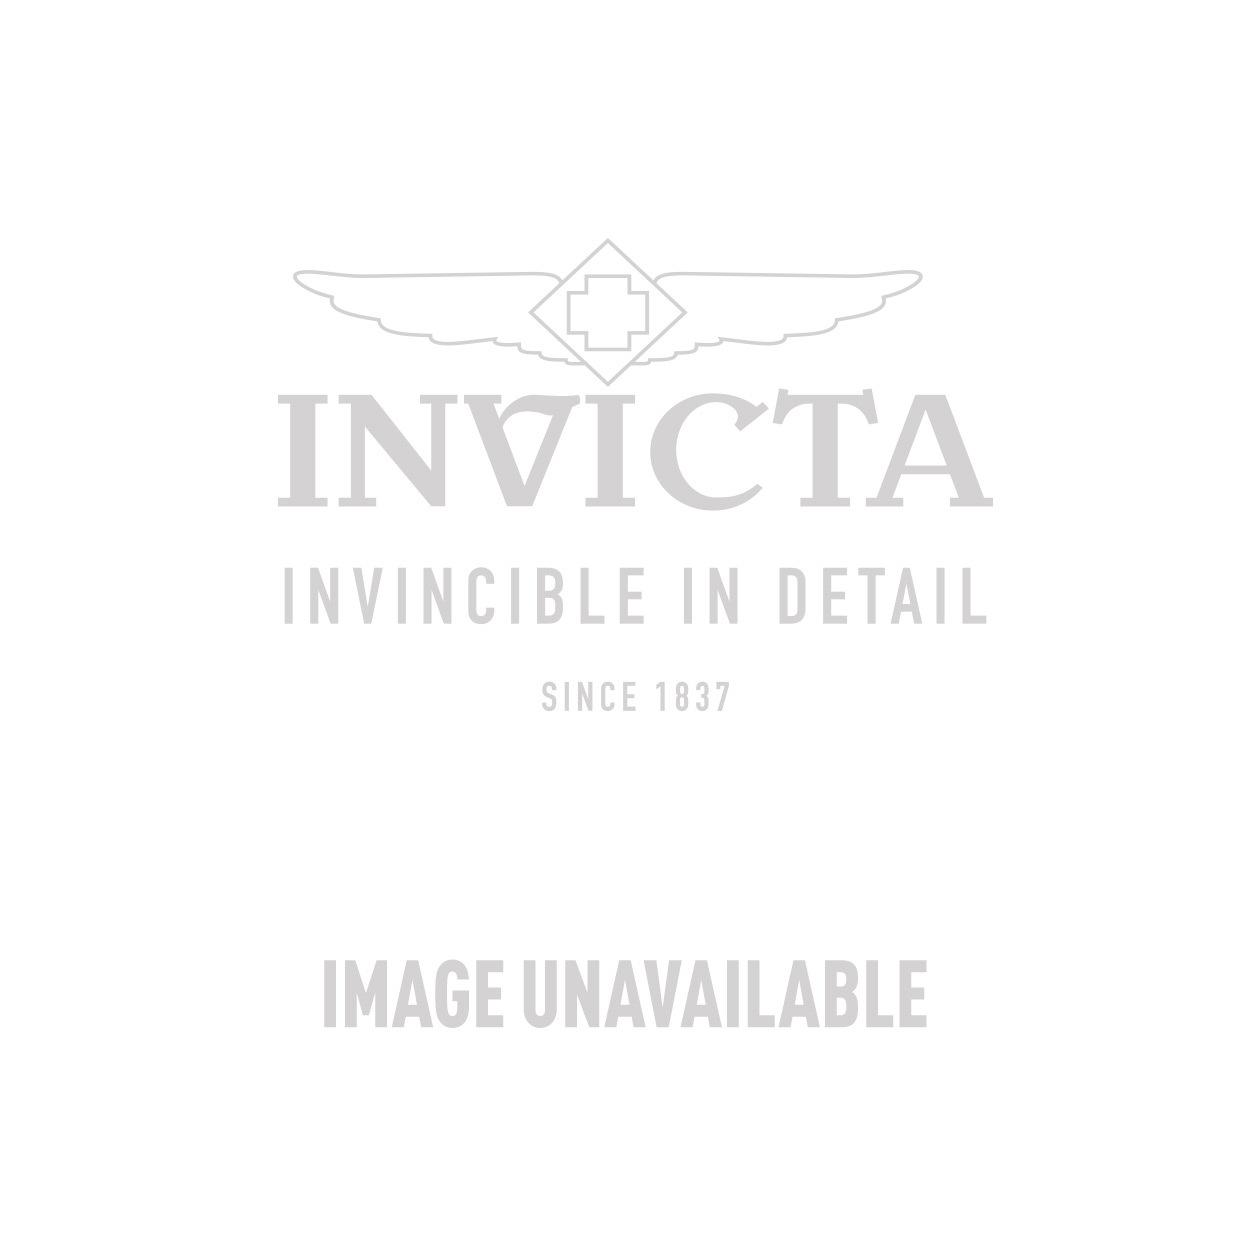 Invicta Model 25246